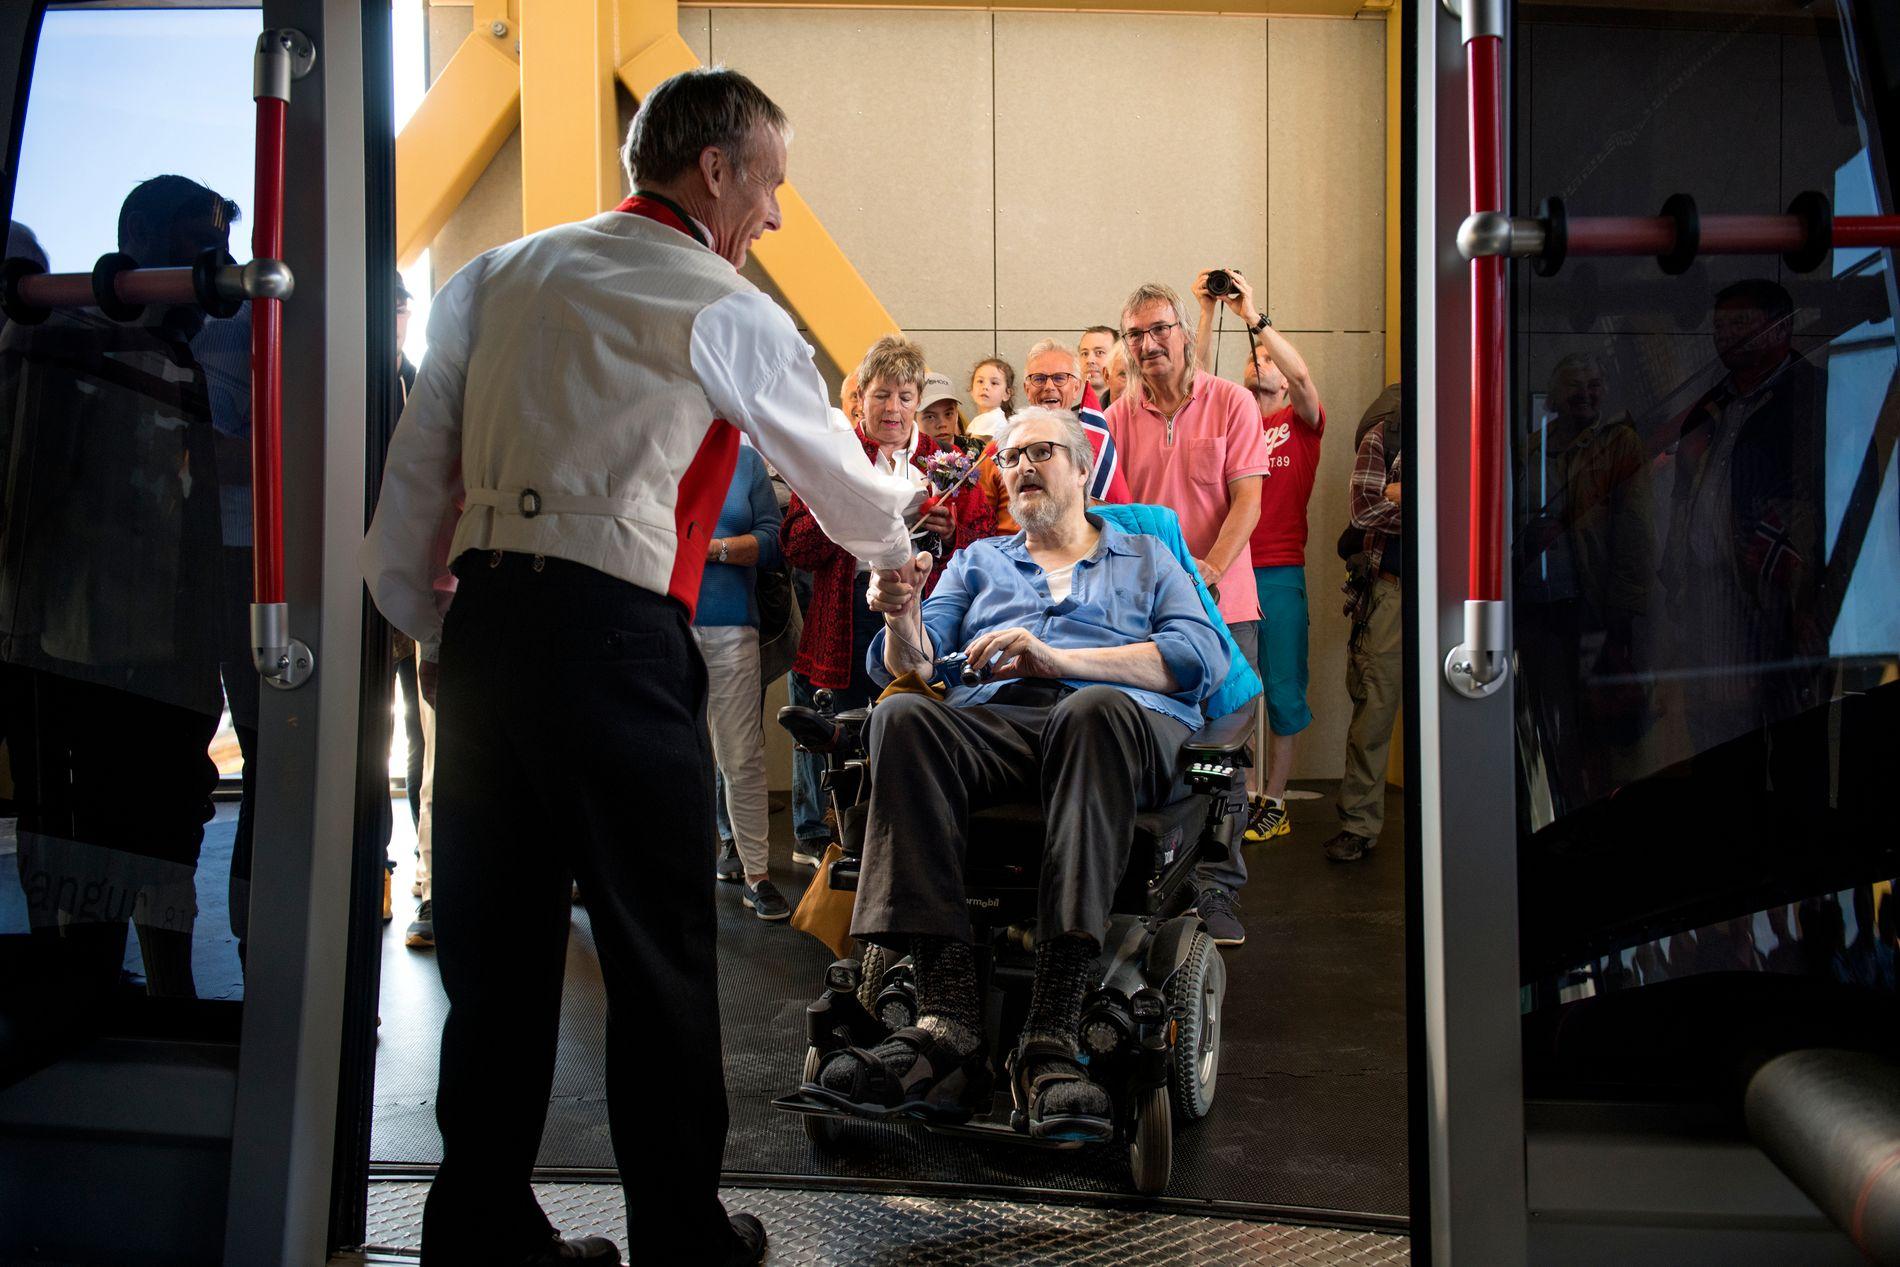 ÆRESGJEST: Øyvind Wæhle, administrerende direktør i Voss Resort, ønsker Sam B. Meyer inn som den første passasjeren.